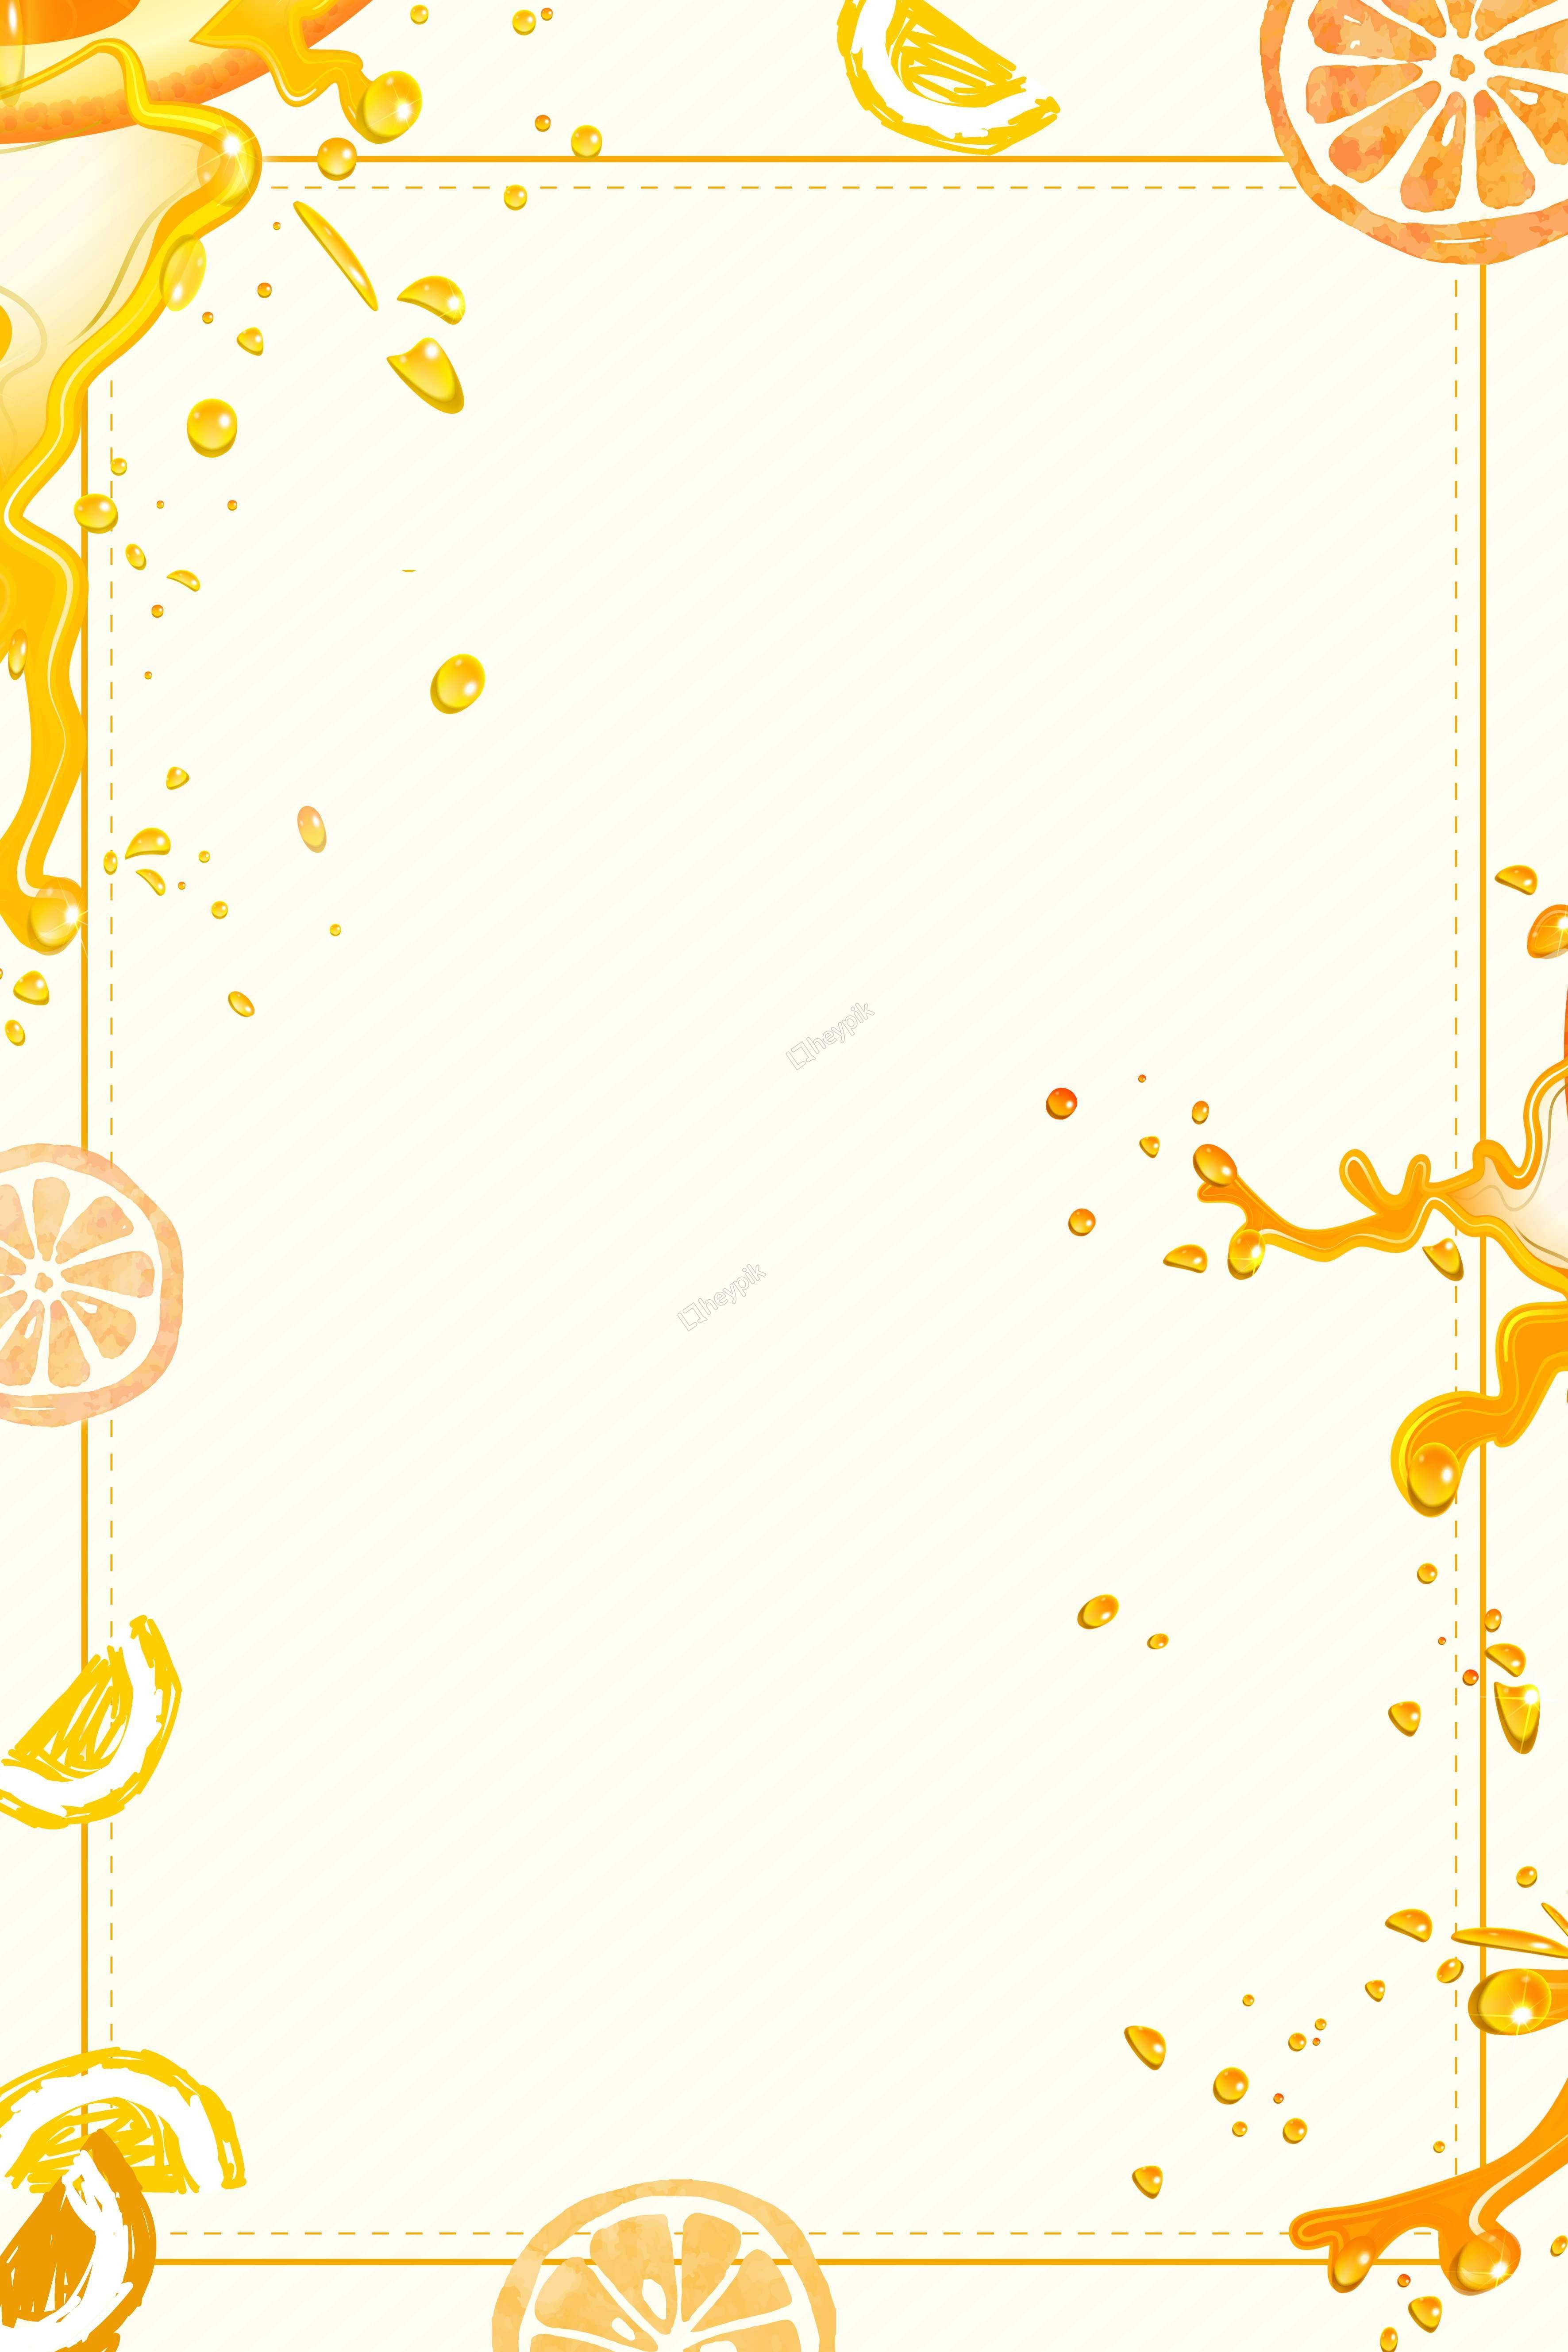 Orange Juice Juice Background Templates Fruit Drinks The Psd Vector Orange Juice Drinks Fruit Design Drinks Design